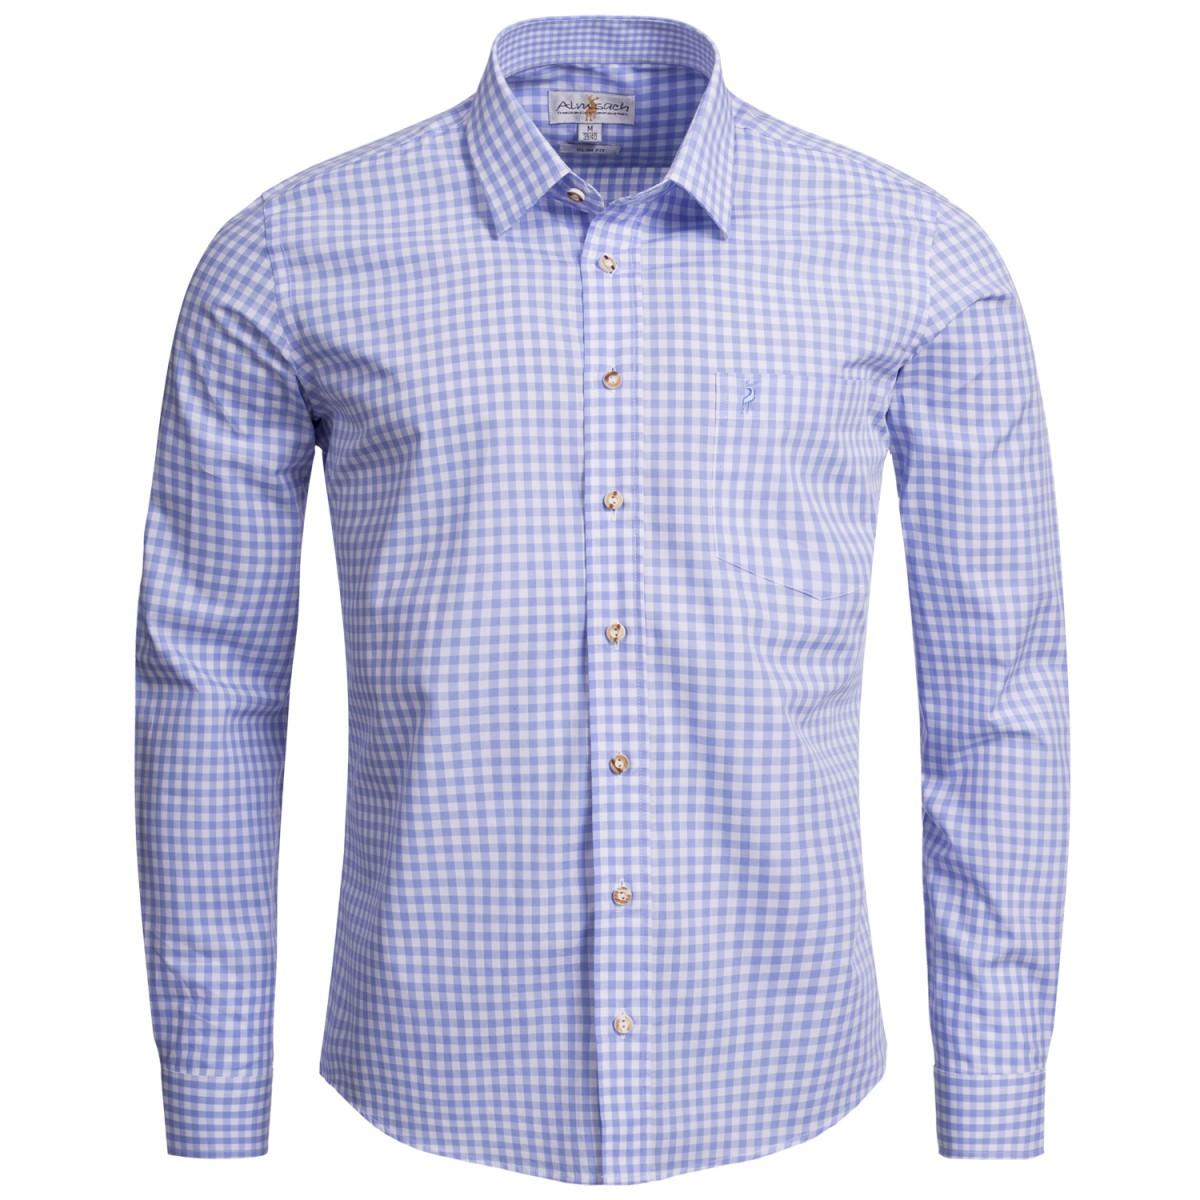 Hellblaues Trachtenhemd kariert von Almsach